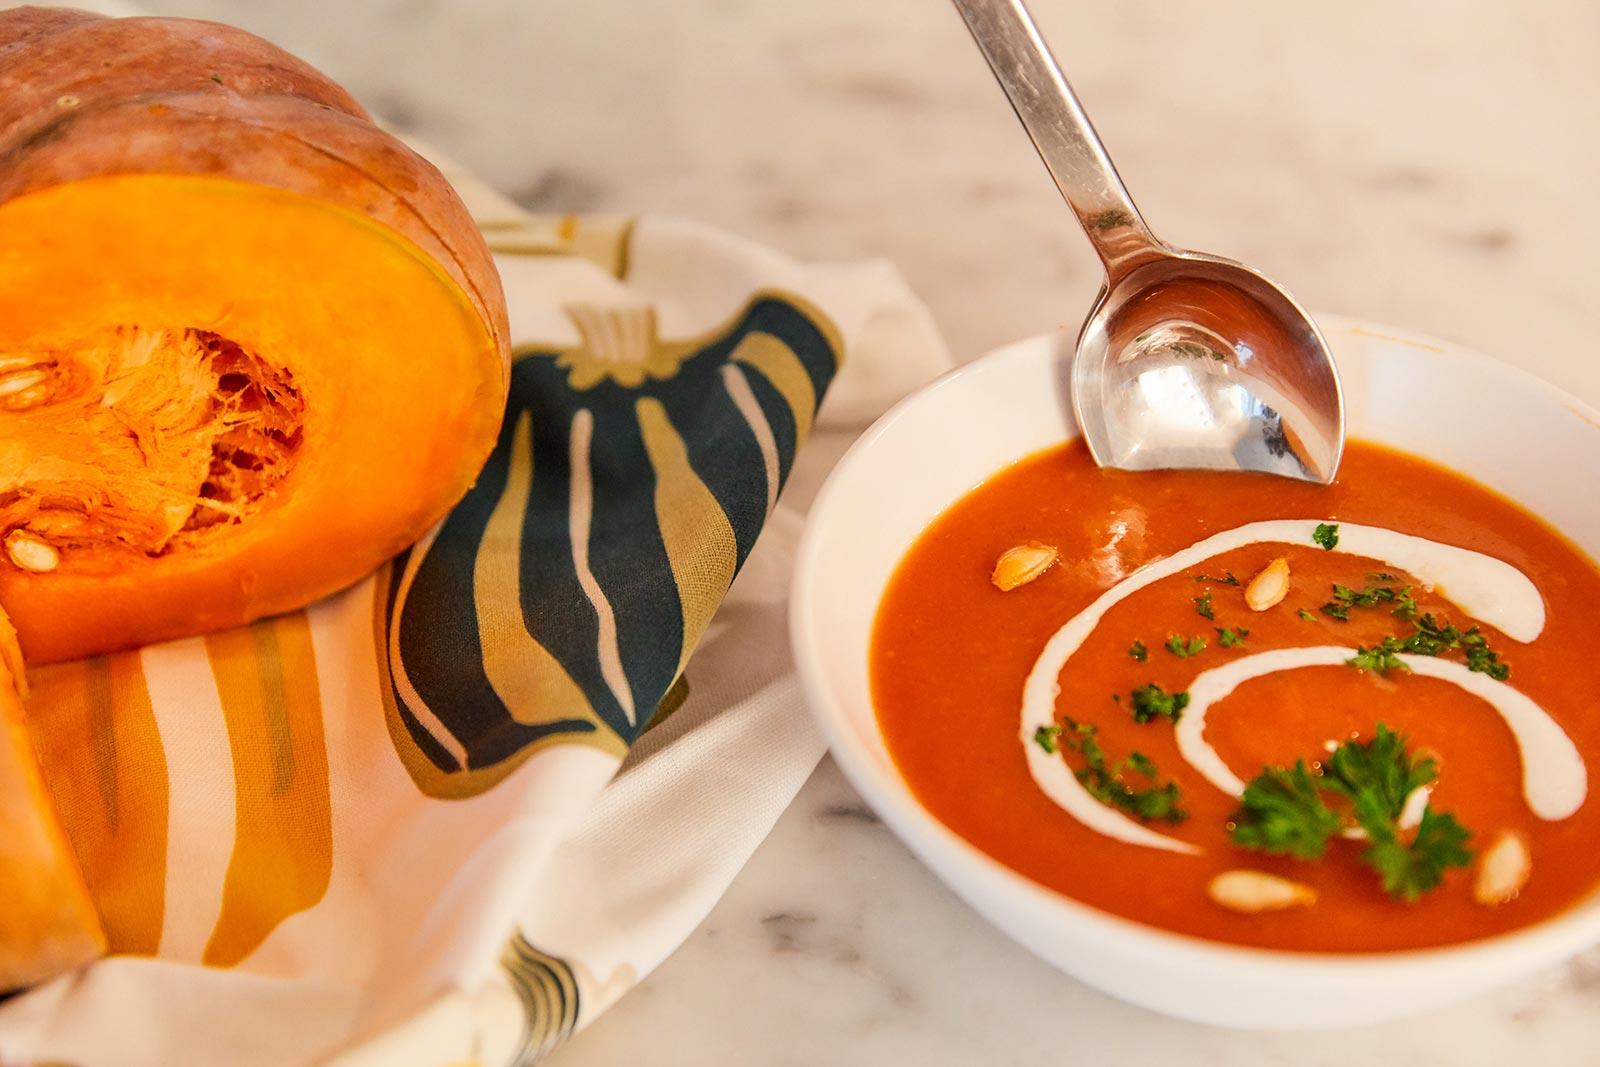 Creamy roasted pumpkin soup recipe